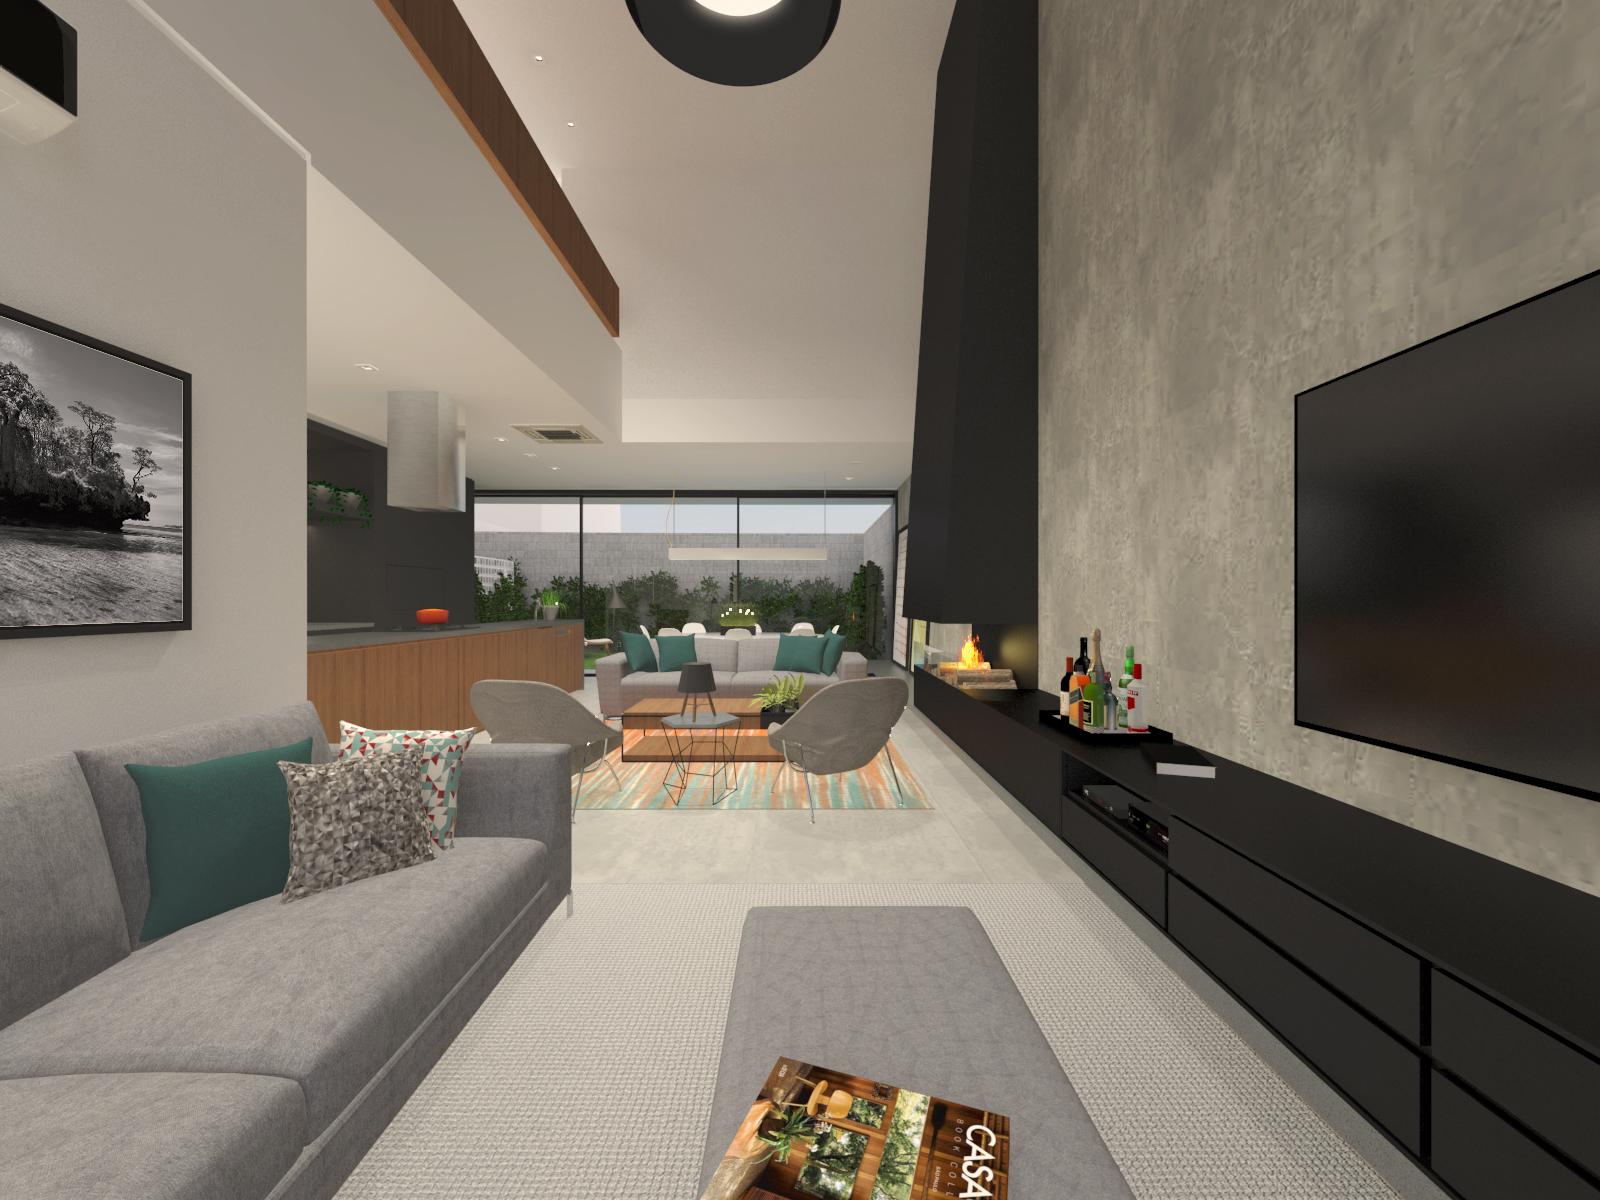 casa chassot | sala de estar e jantar